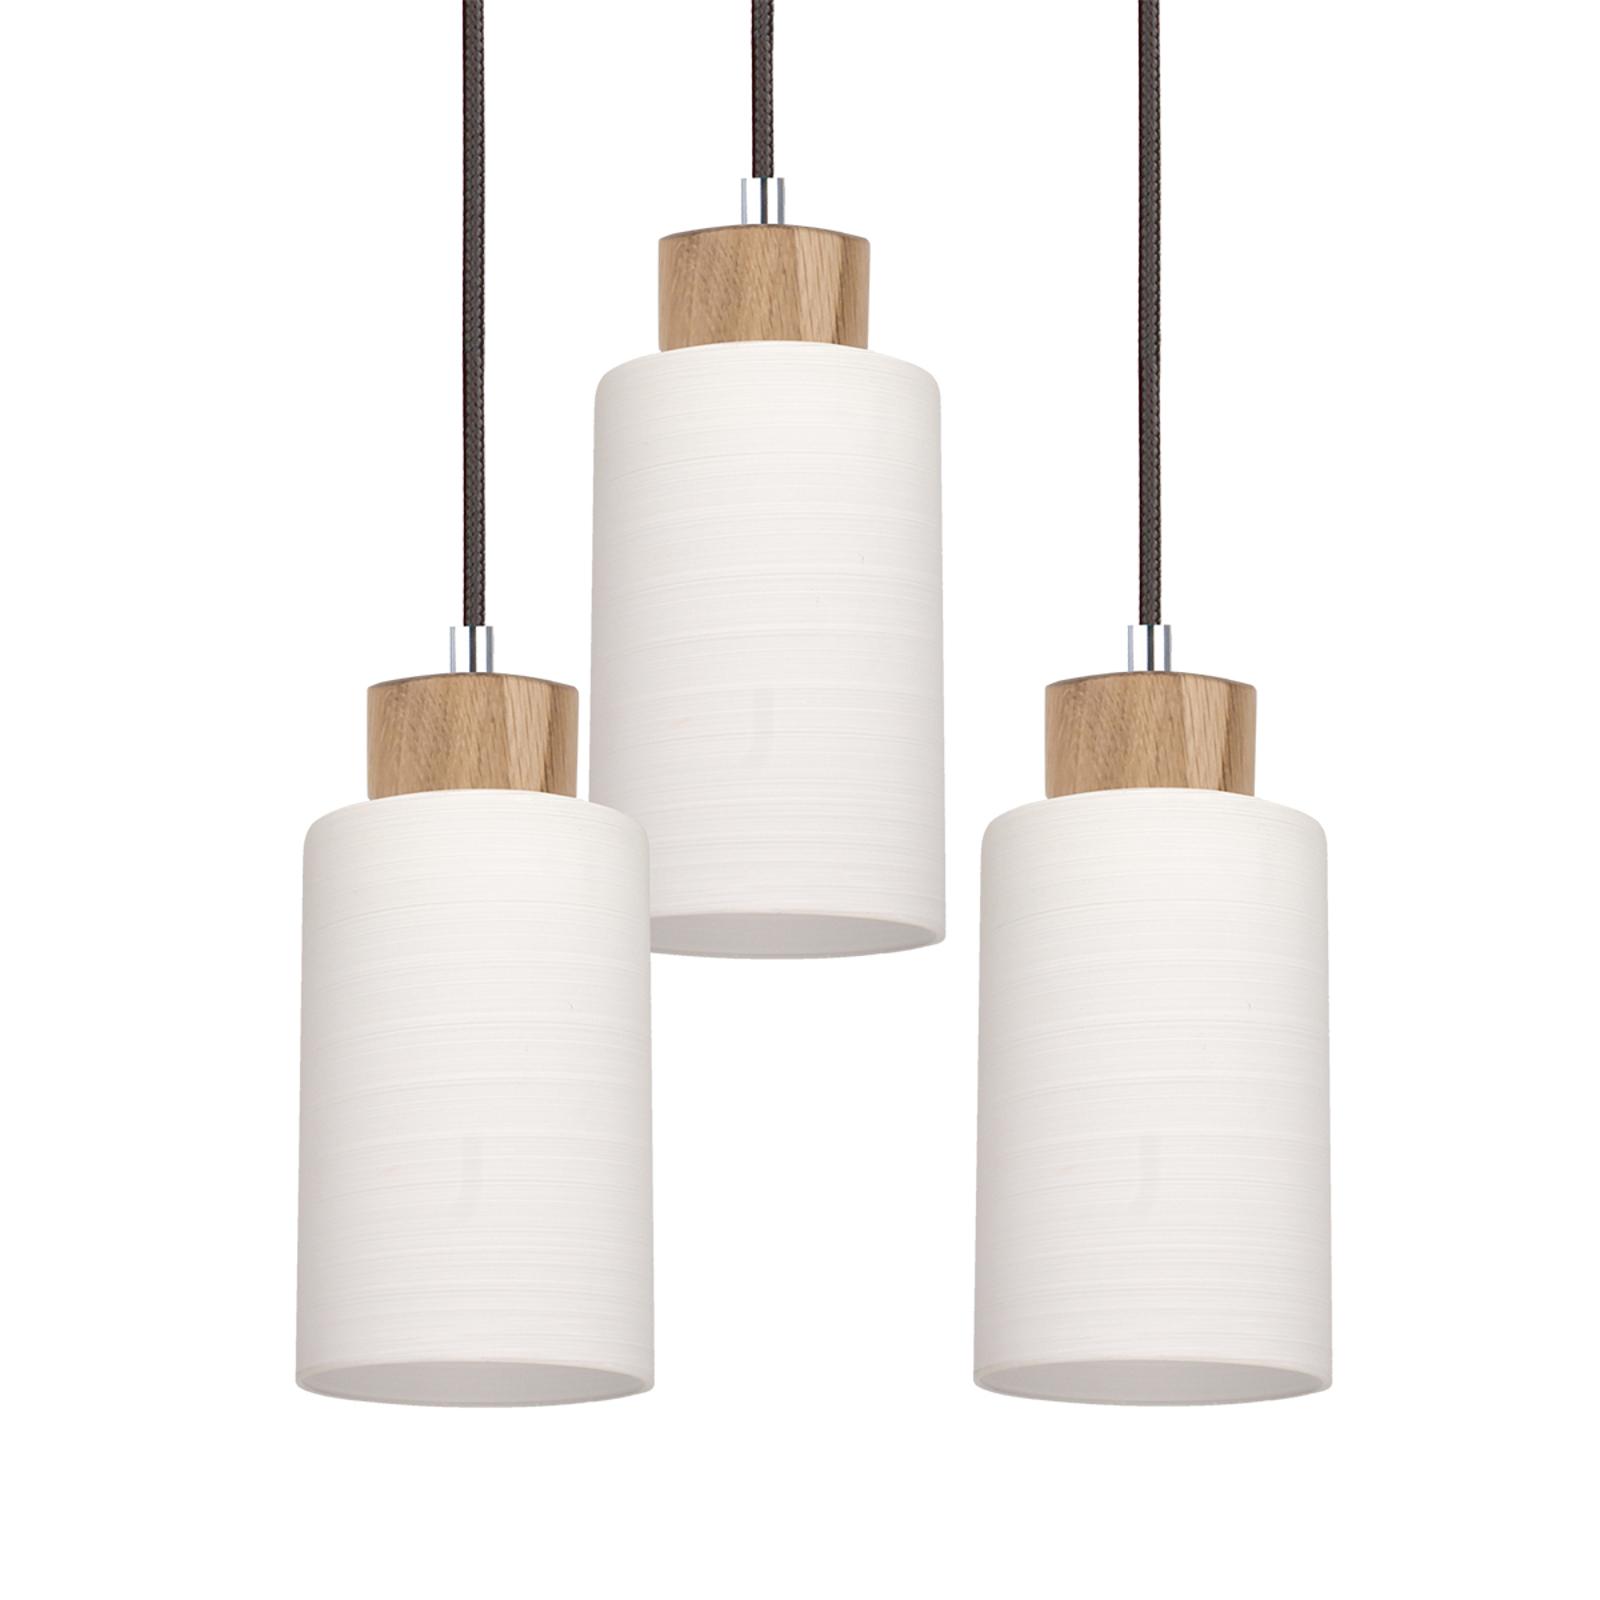 Hængelampe Bosco rund eg olieret 3 lyskilder